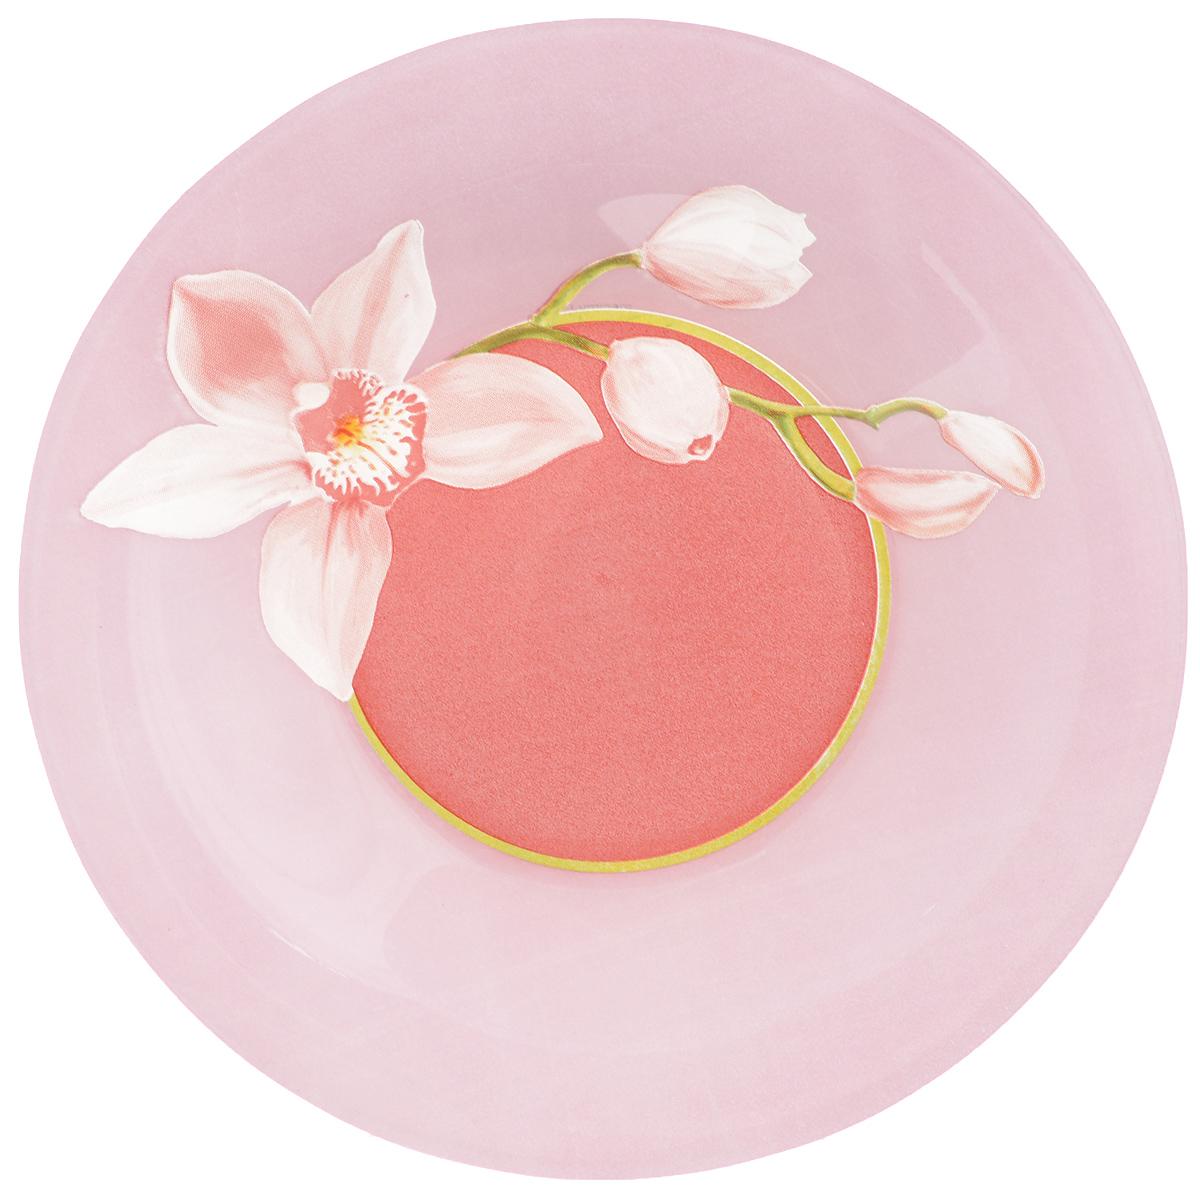 Тарелка глубокая Luminarc Red Orchis, диаметр 21,5 cмJ1358Глубокая тарелка Luminarc Red orchis выполнена из ударопрочного стекла и имеет классическую круглую форму. Тарелка оформлена в цветочном дизайне с изображением орхидей. Она прекрасно впишется в интерьер вашей кухни и станет достойным дополнением к кухонному инвентарю. Тарелка Luminarc Red Orchis не только украсит ваш праздничный или обеденный стол, но и станет отличным подарком. Диаметр тарелки (по верхнему краю): 21,5 см.